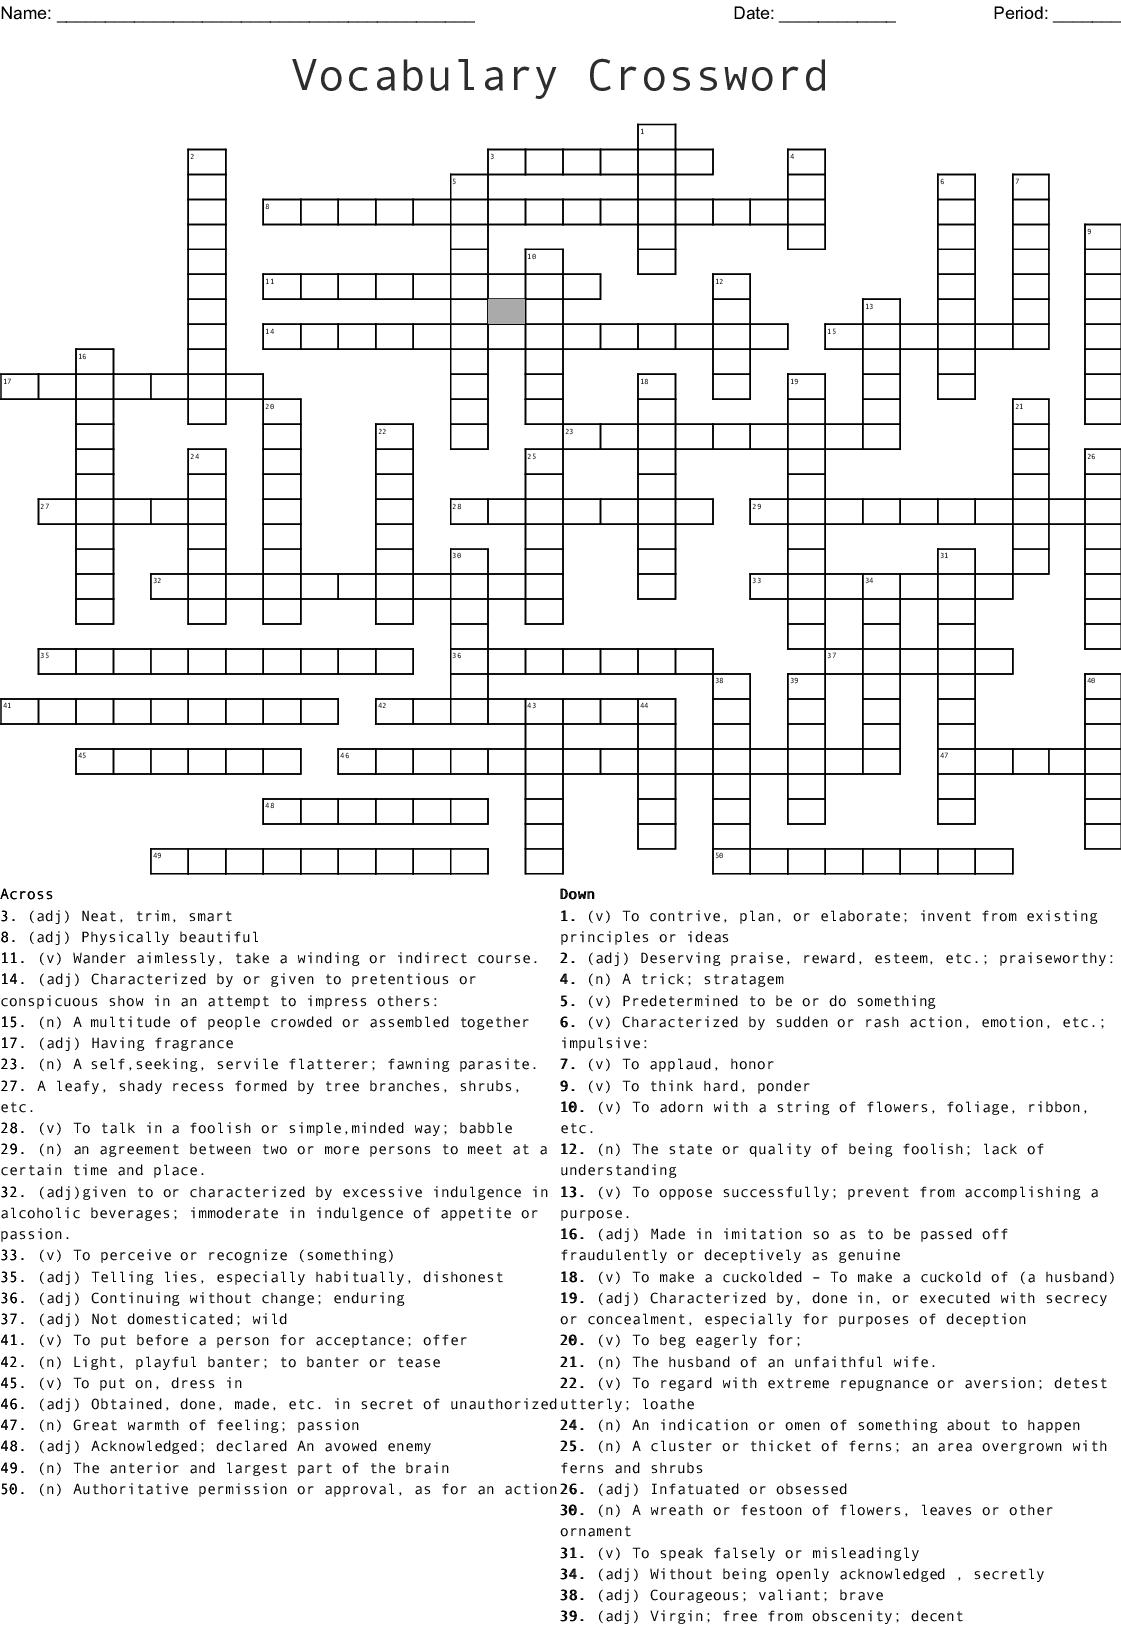 50 Word Crossword Puzzle Wordmint